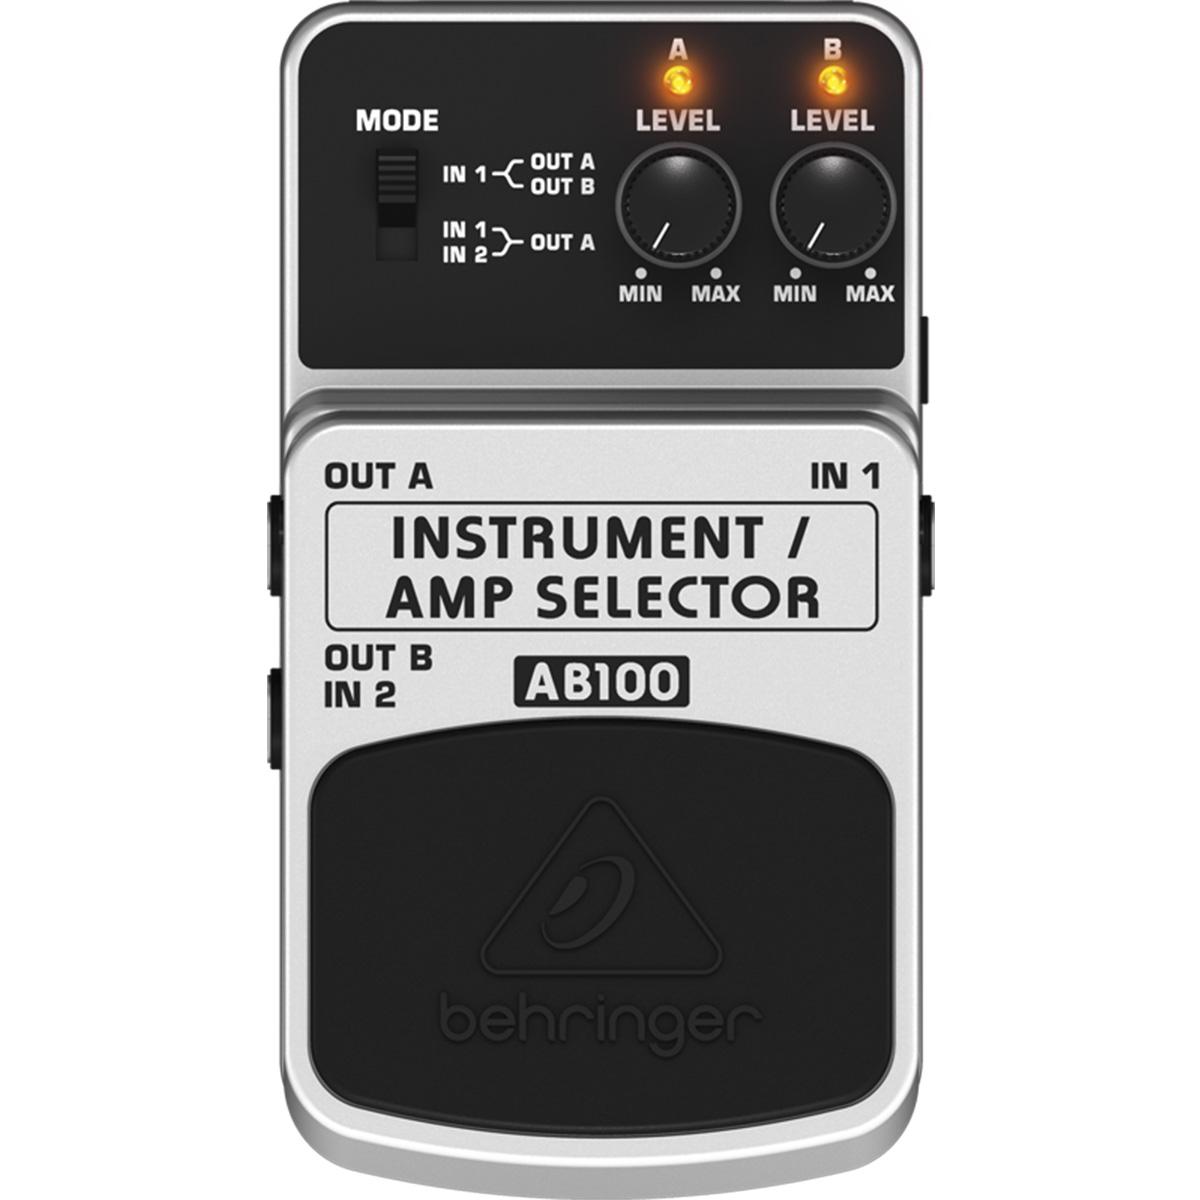 Pedal Behringer AB100 - Instrument/Amp Selector